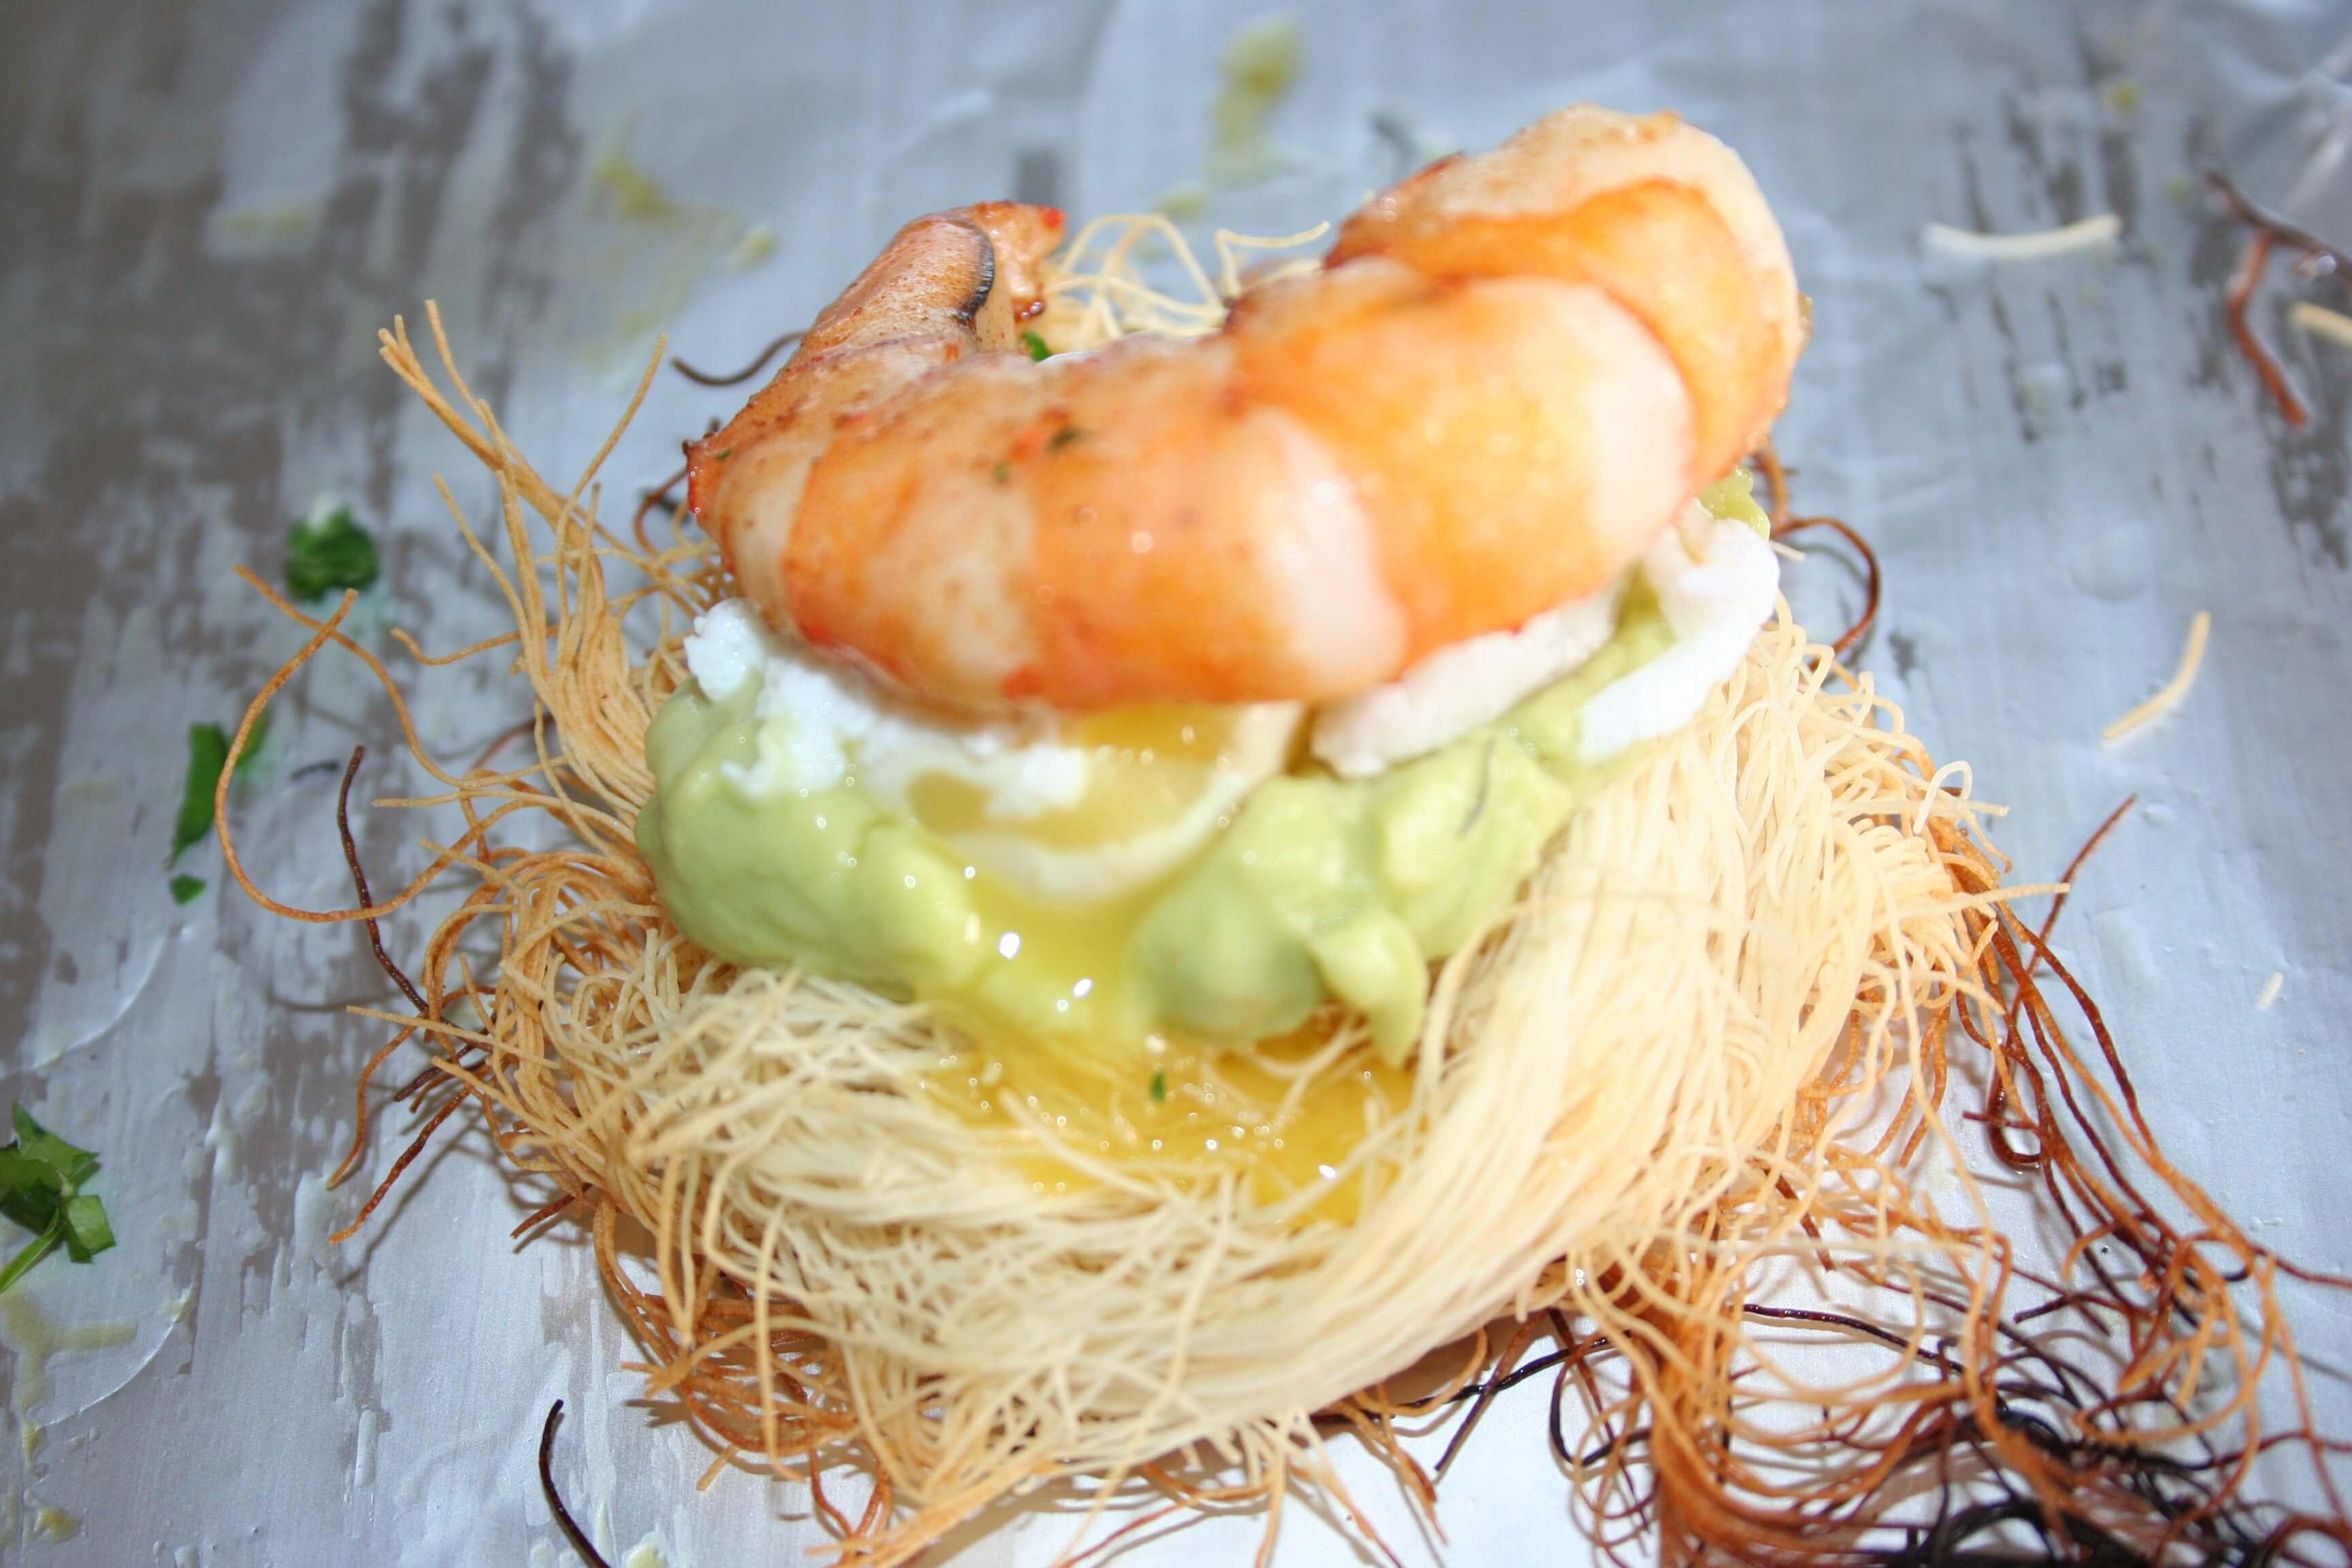 Gamberi nel nido, con salsa avocado e uovo di quaglia poché